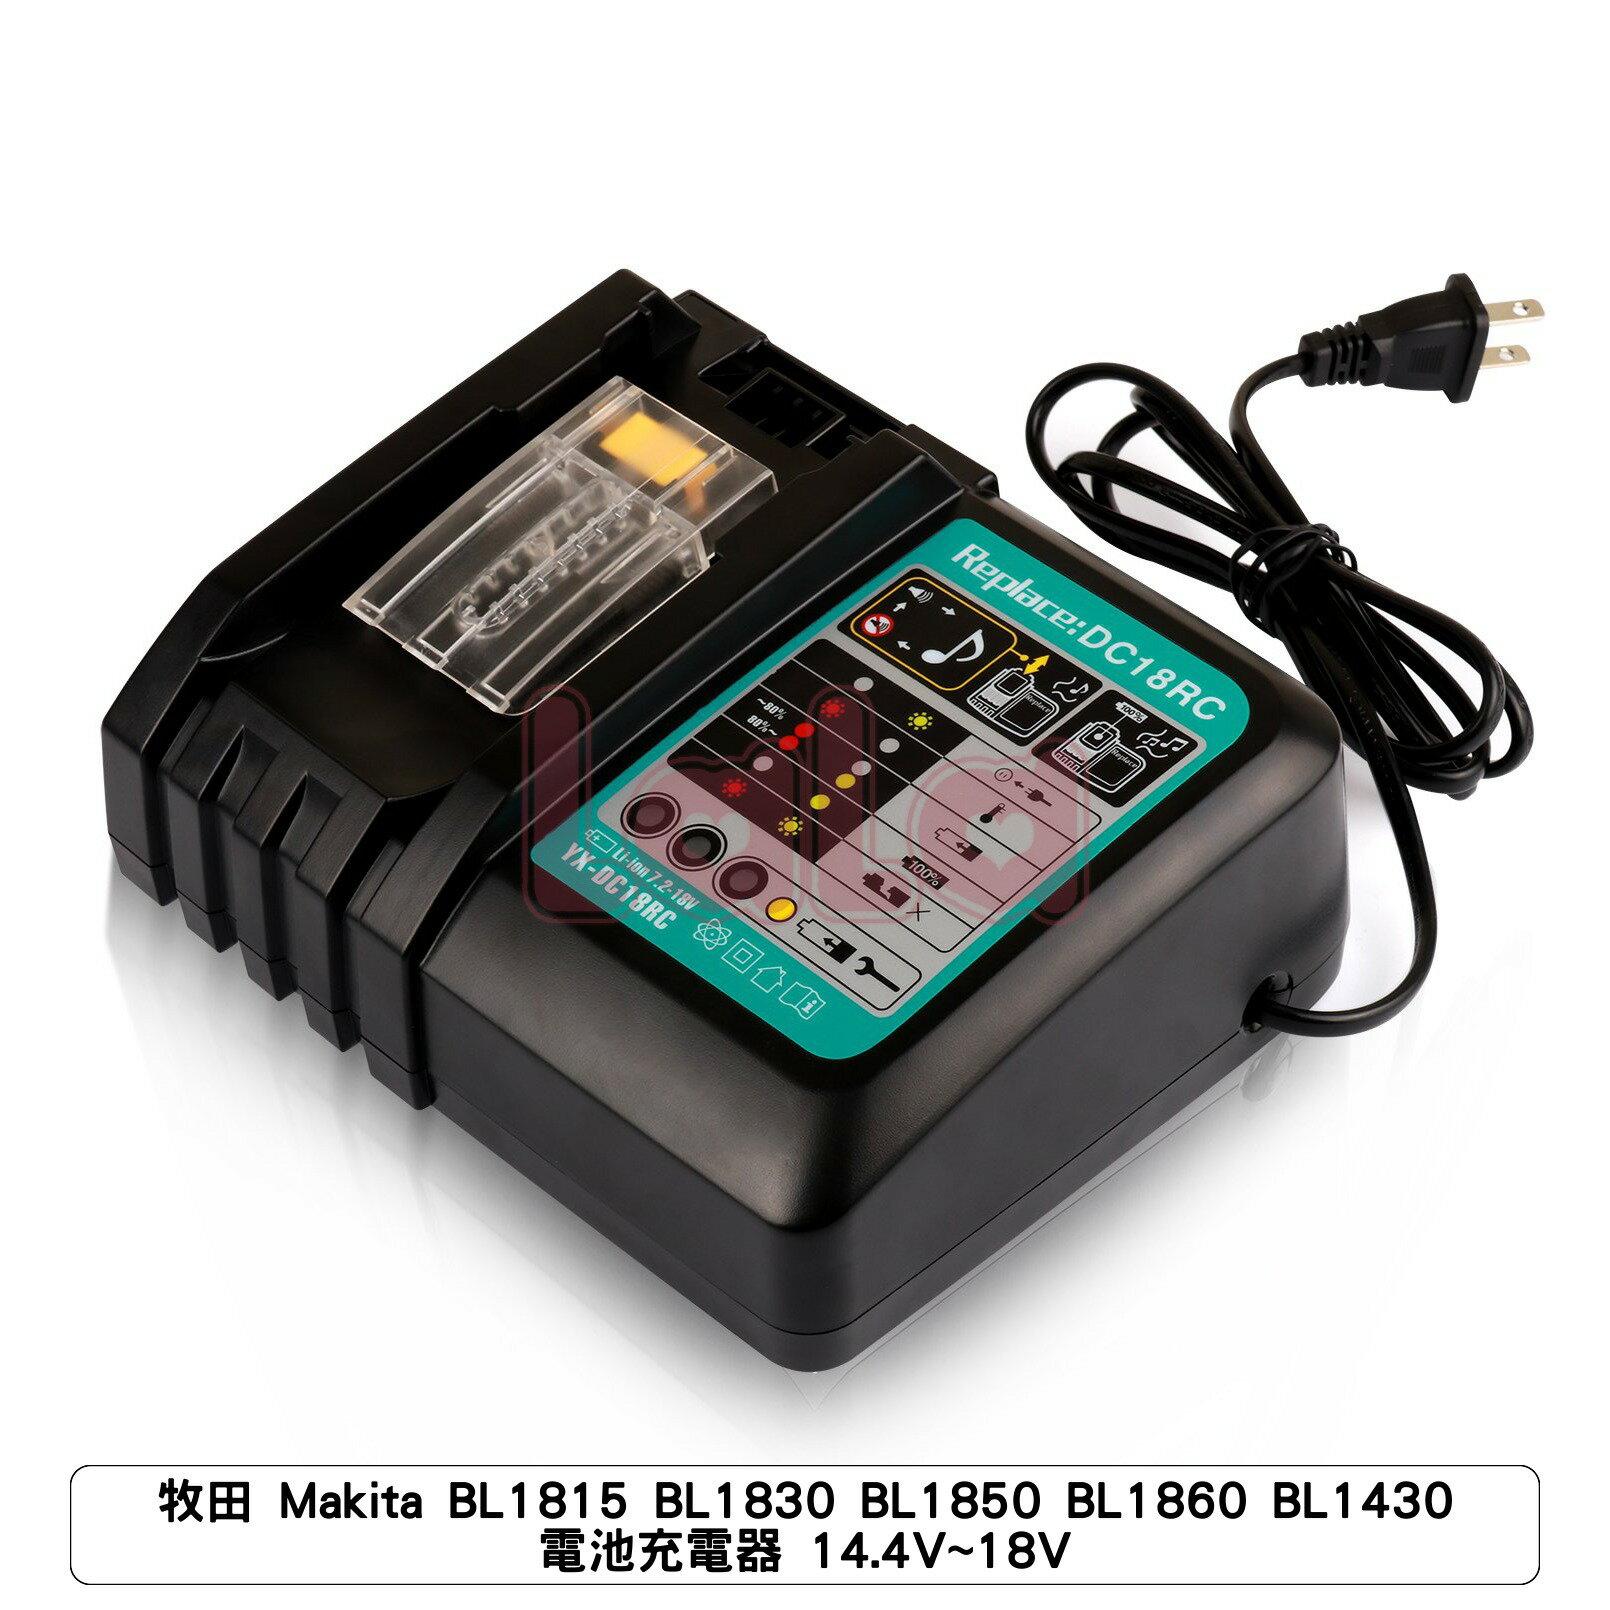 牧田 Makita BL1815 BL1830 BL1850 BL1860 BL1430 電池充電器 14.4V~18V